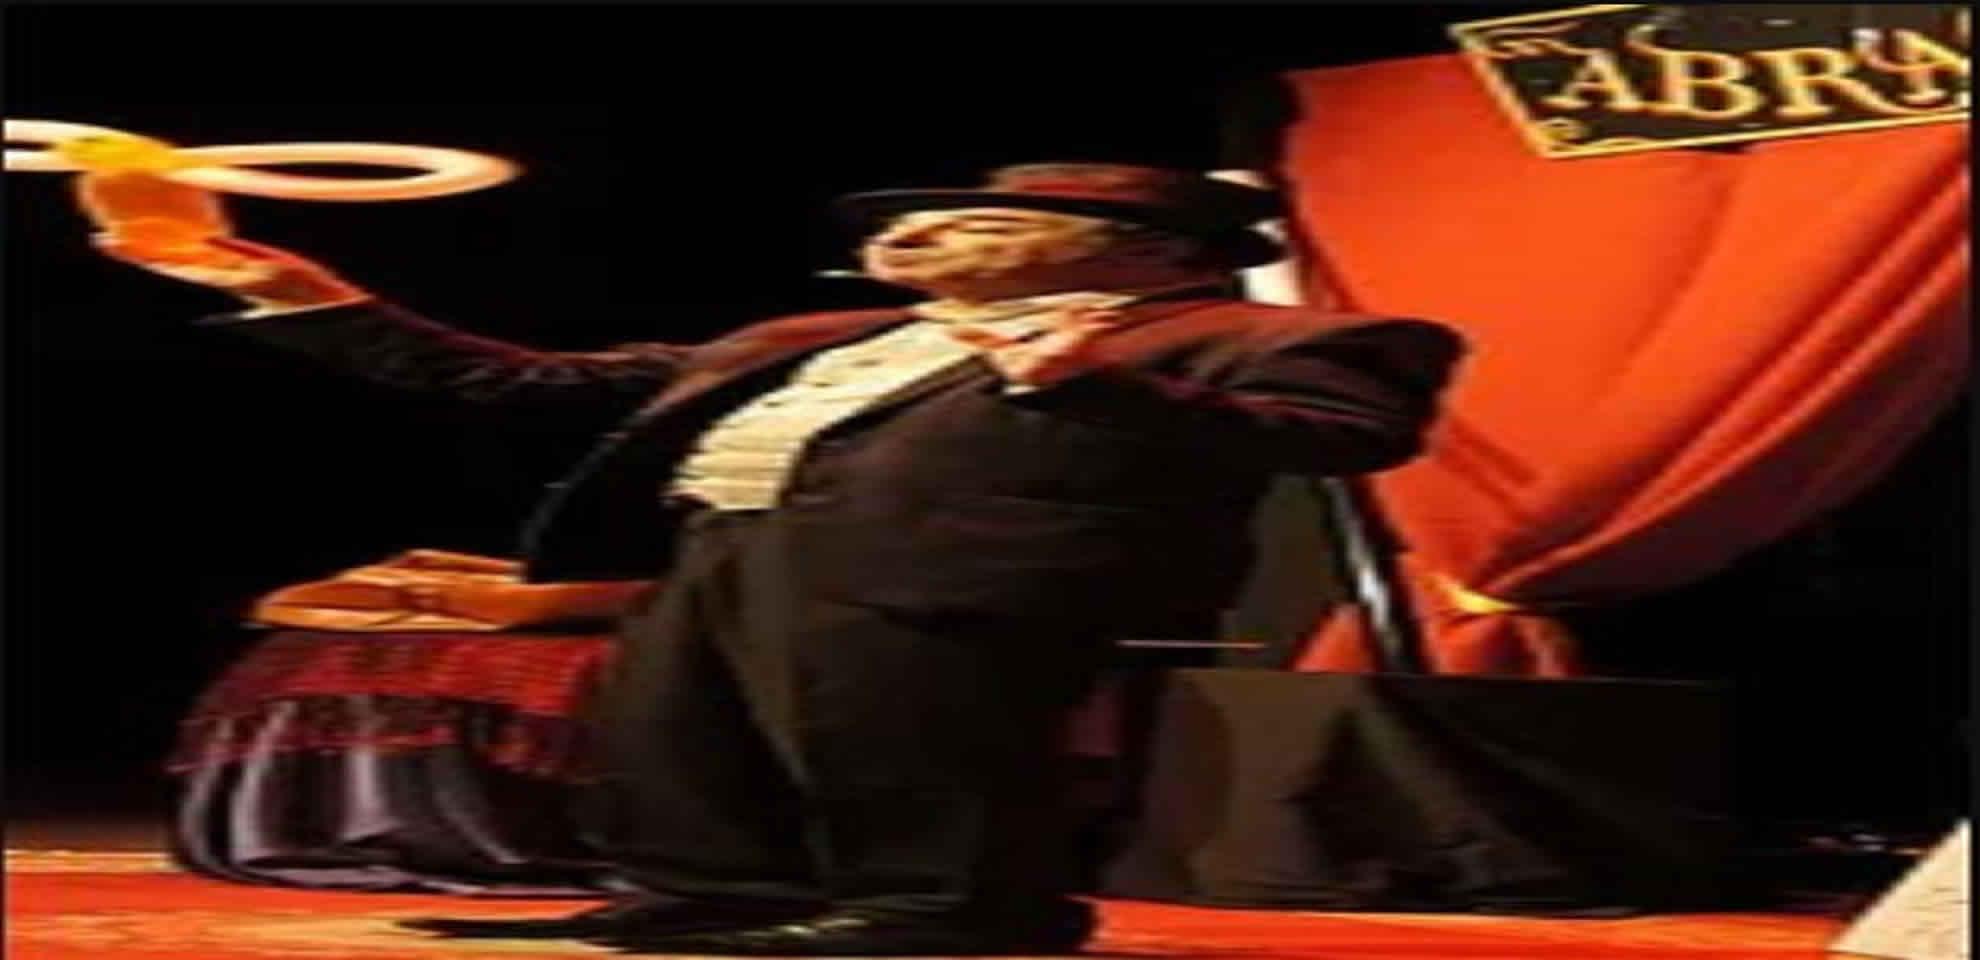 Paul Maz : Magicien, conteur, théâtre